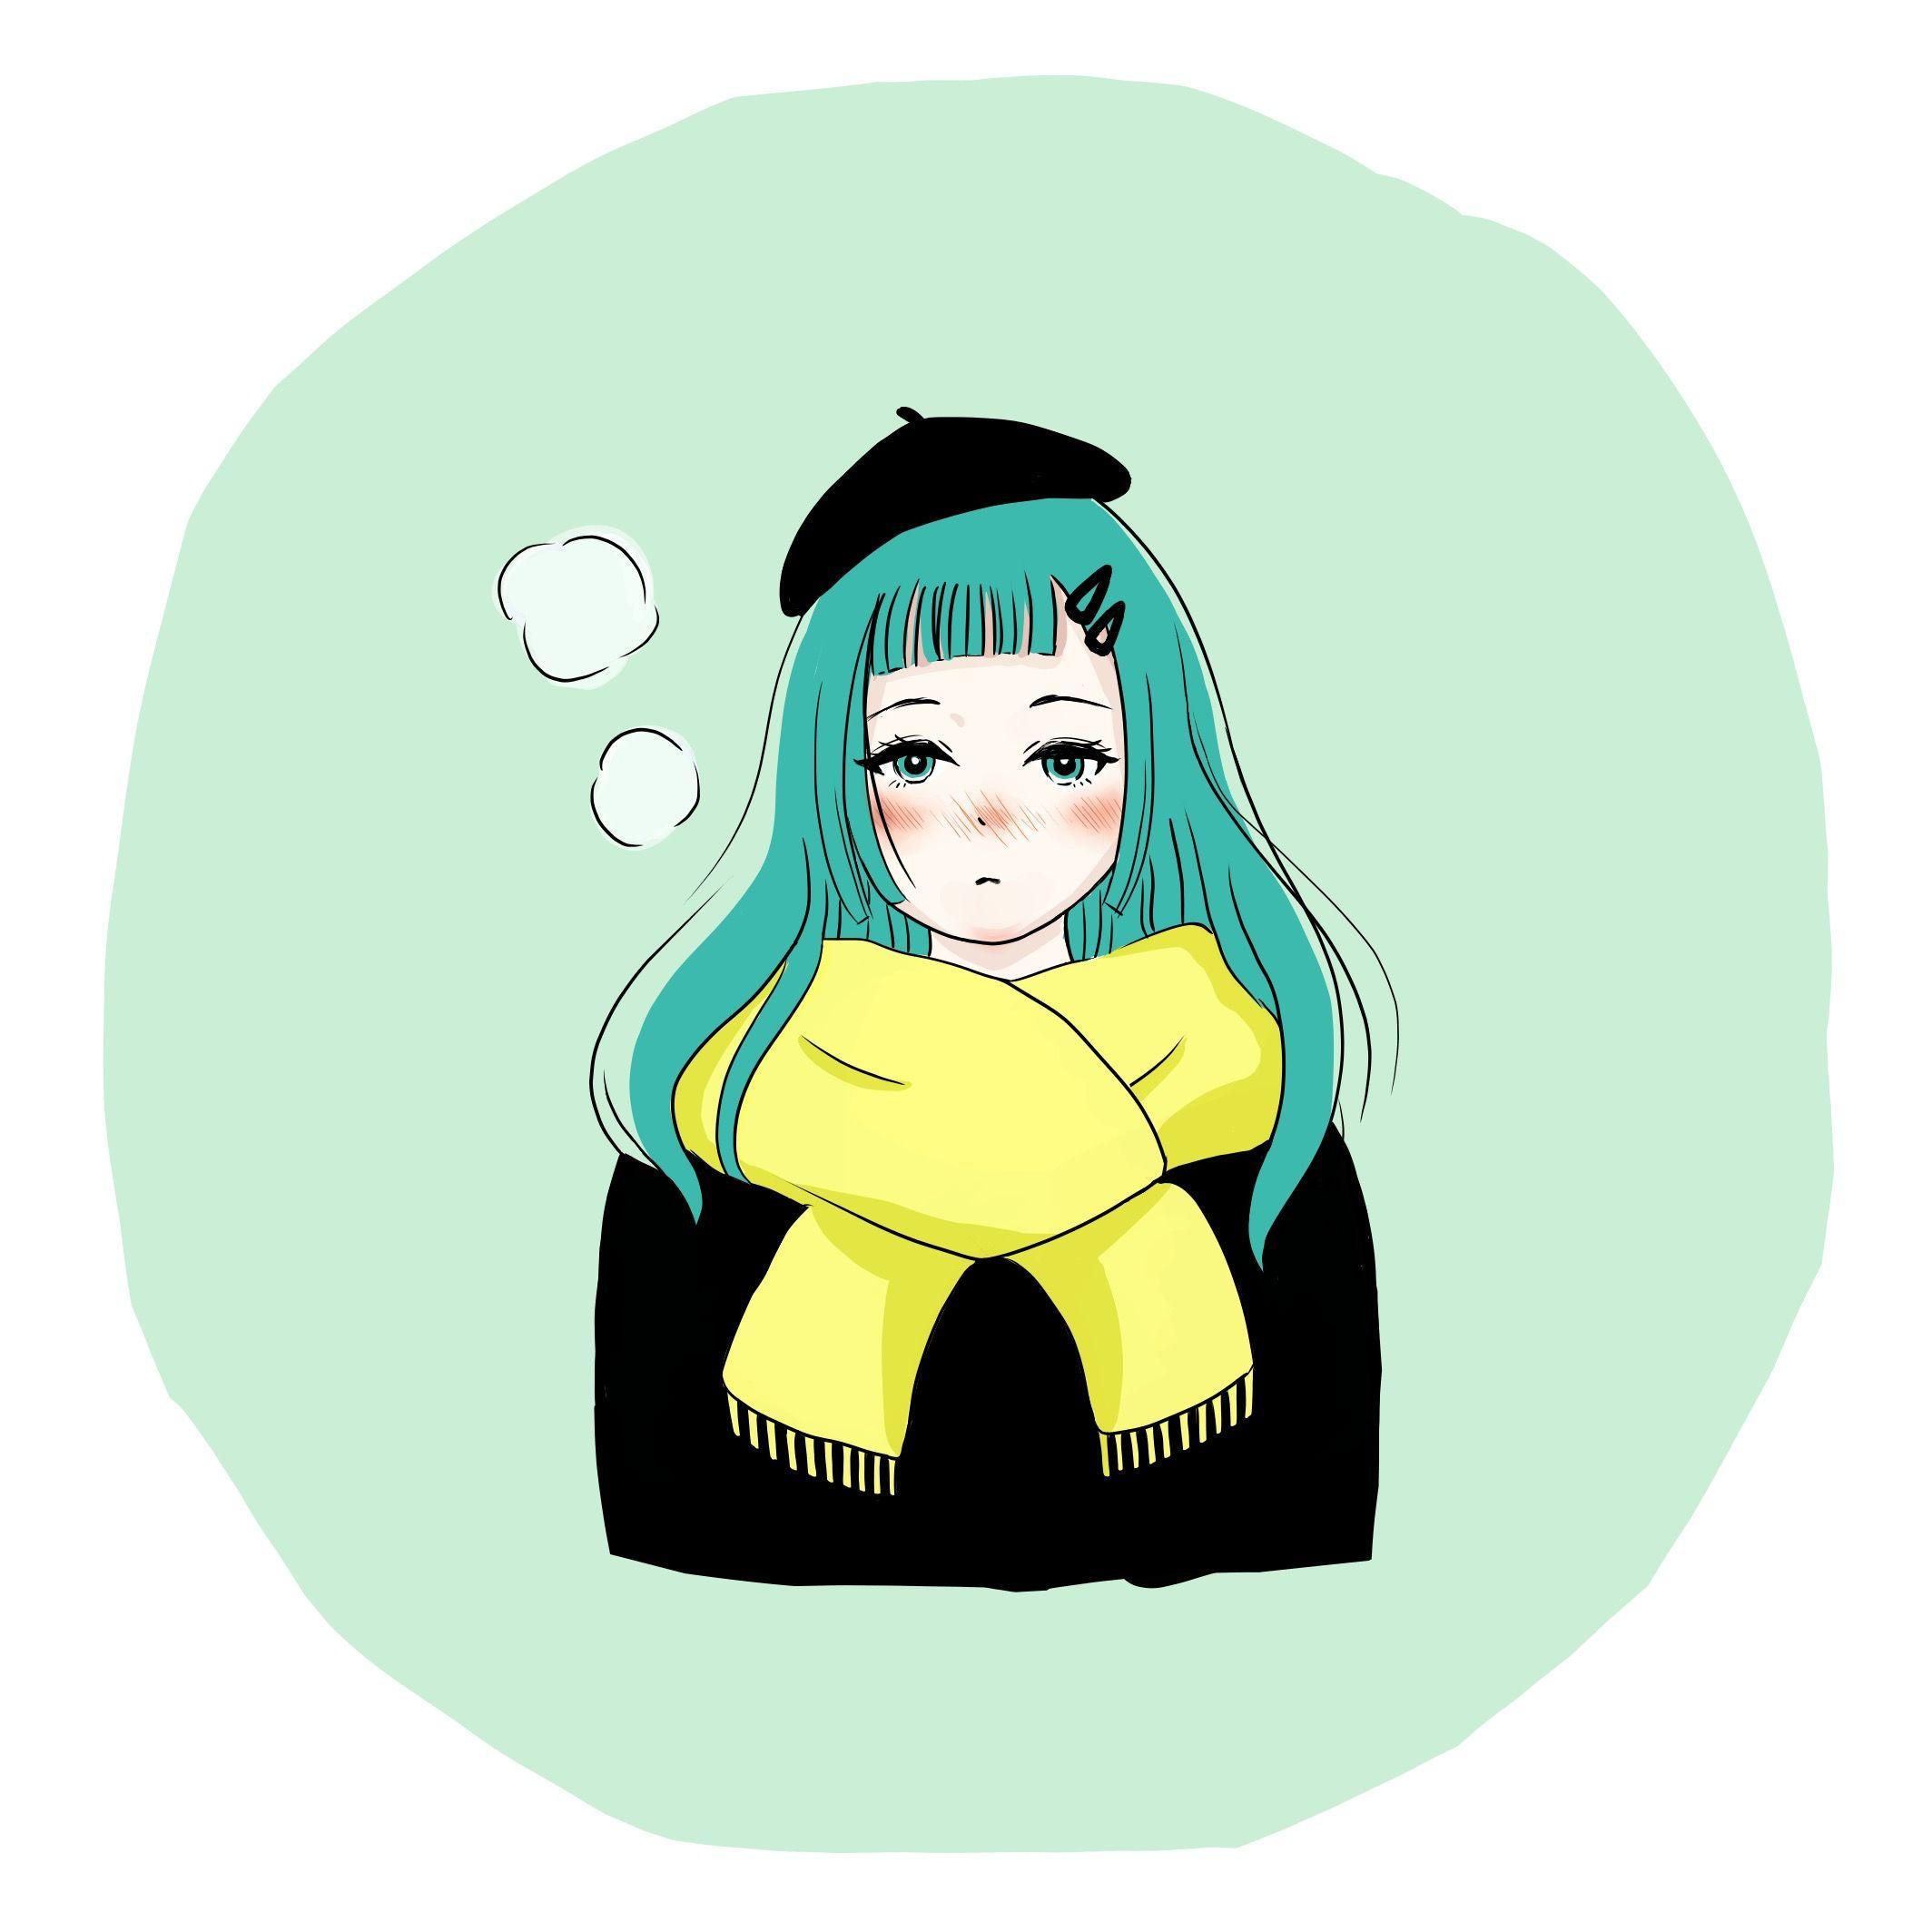 女の子 イラスト サブカル Illustration2019 Illustration と Art